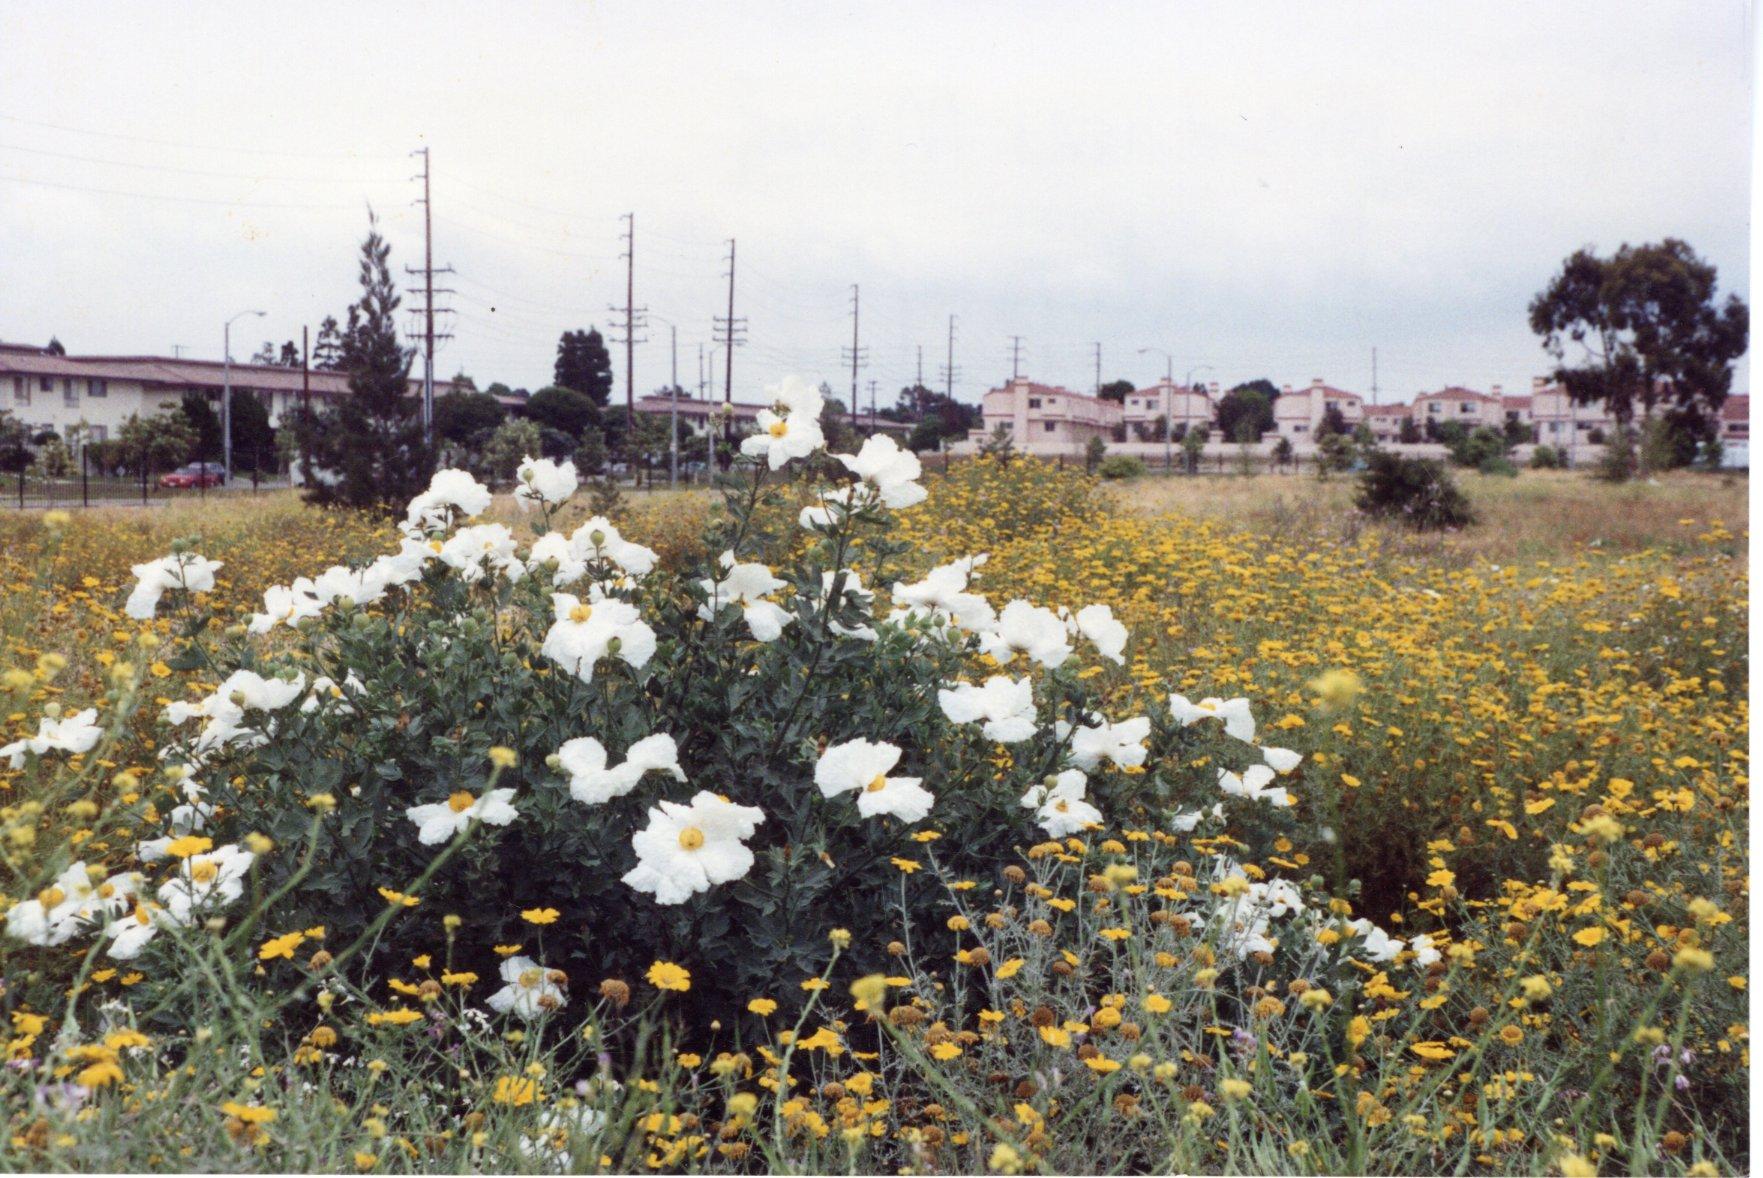 wildflowers in field